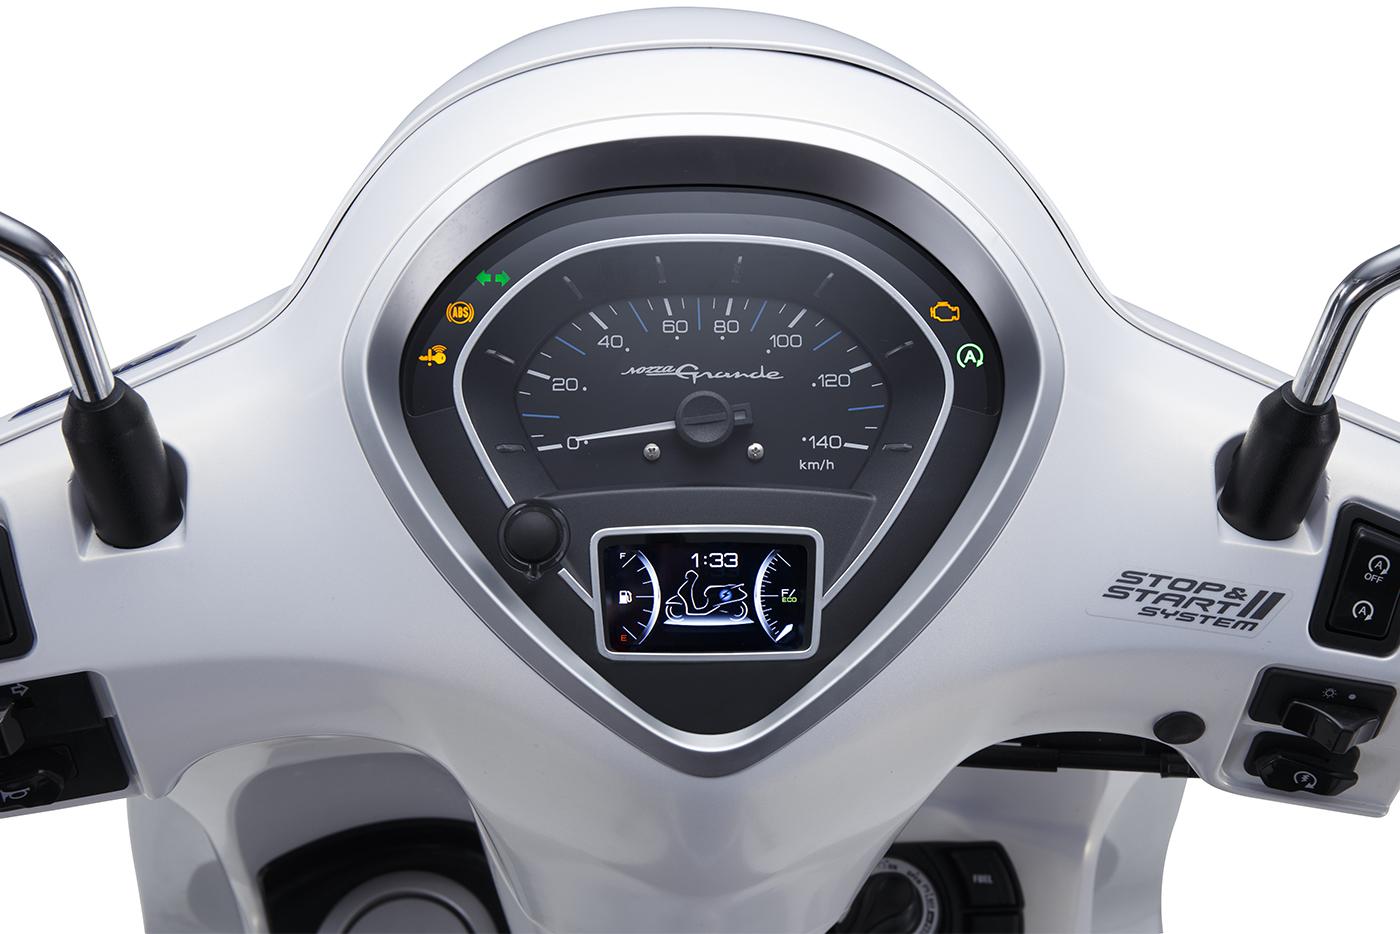 speedo-meter.jpg